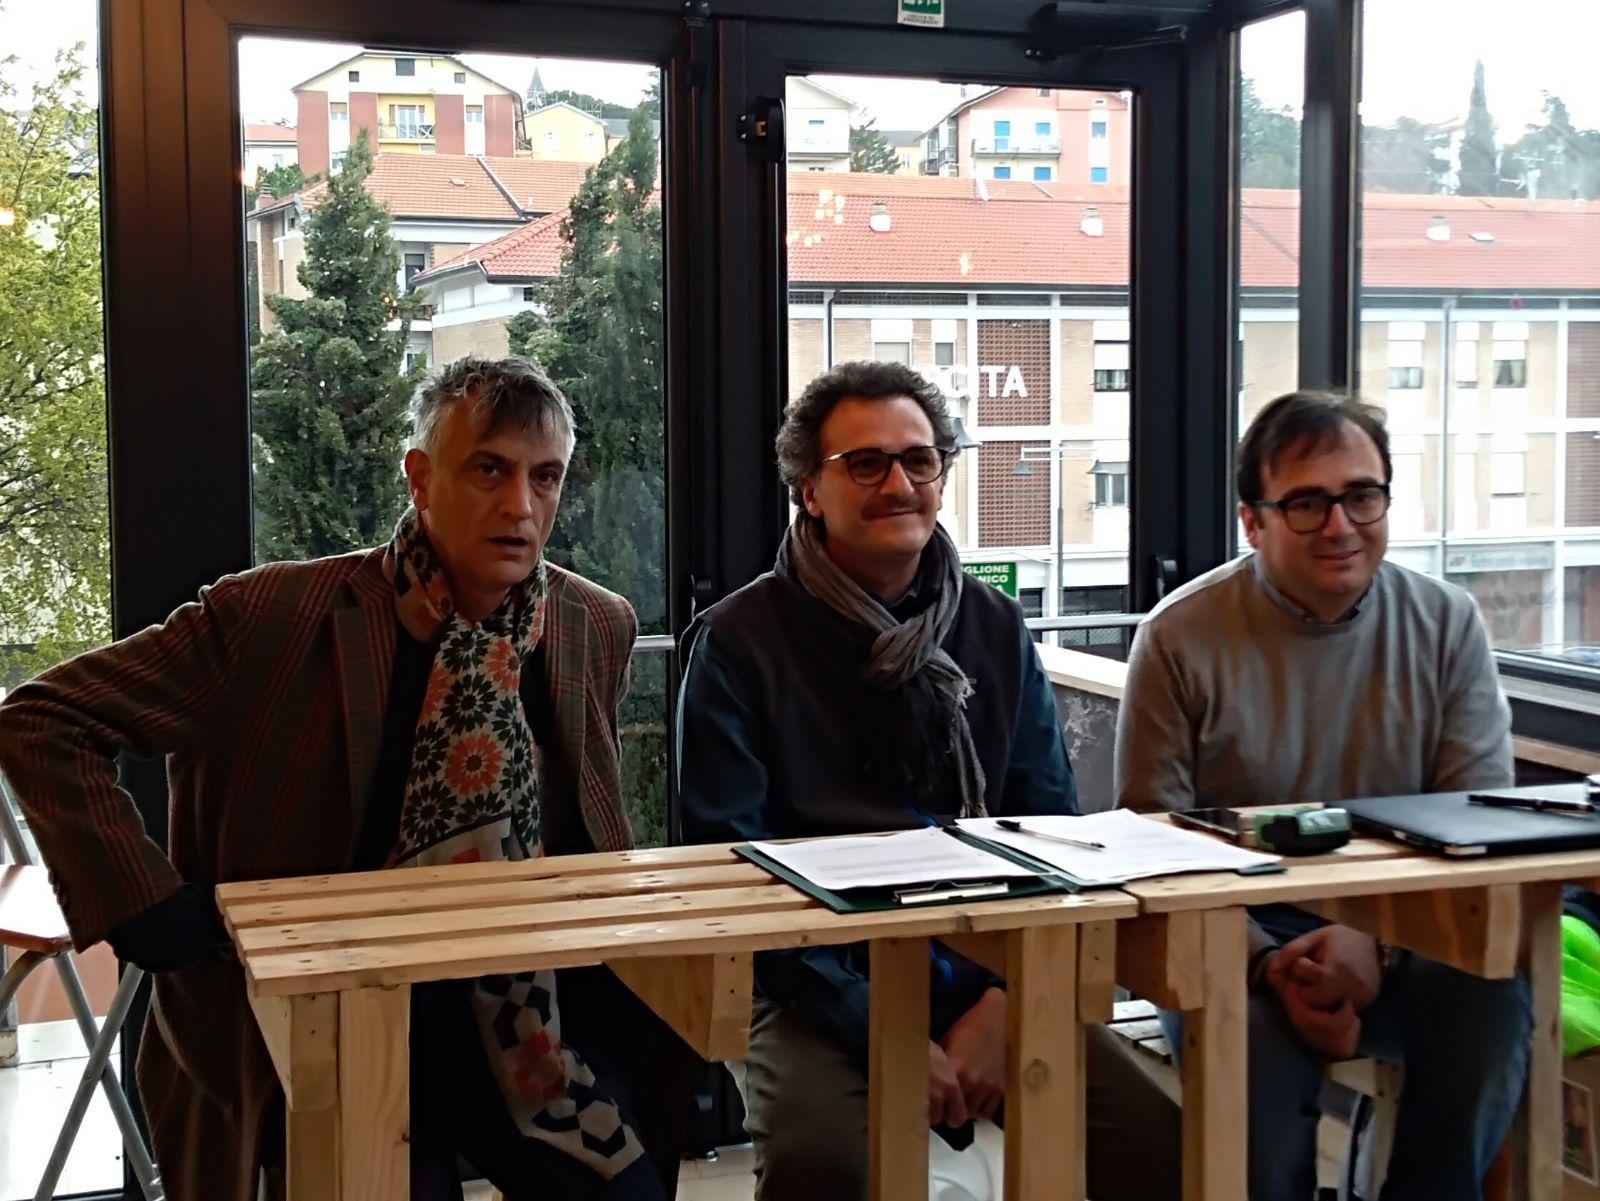 Diocesi di Tursi-Lagonegro: dibattito con l'on. Enrico Letta, a Francavilla in Sinni, sabato 21 aprile alle 17.30, nel cineteatro Columbia